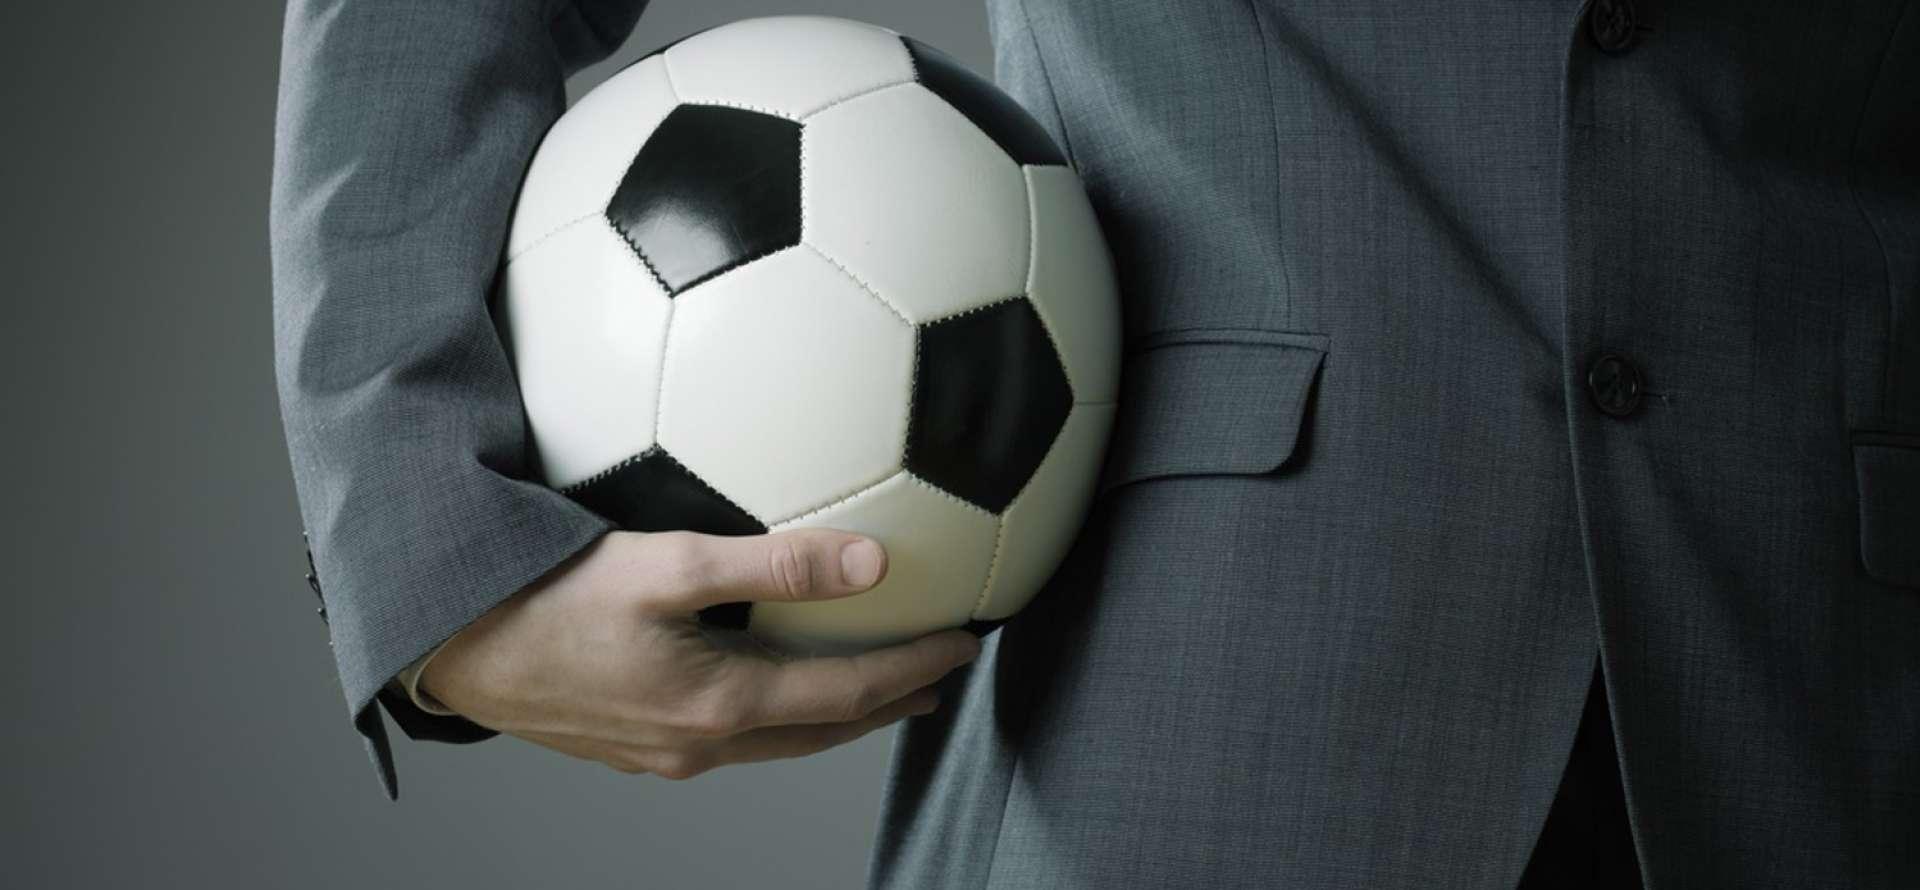 Gli avvocati possono assistere atleti e società?